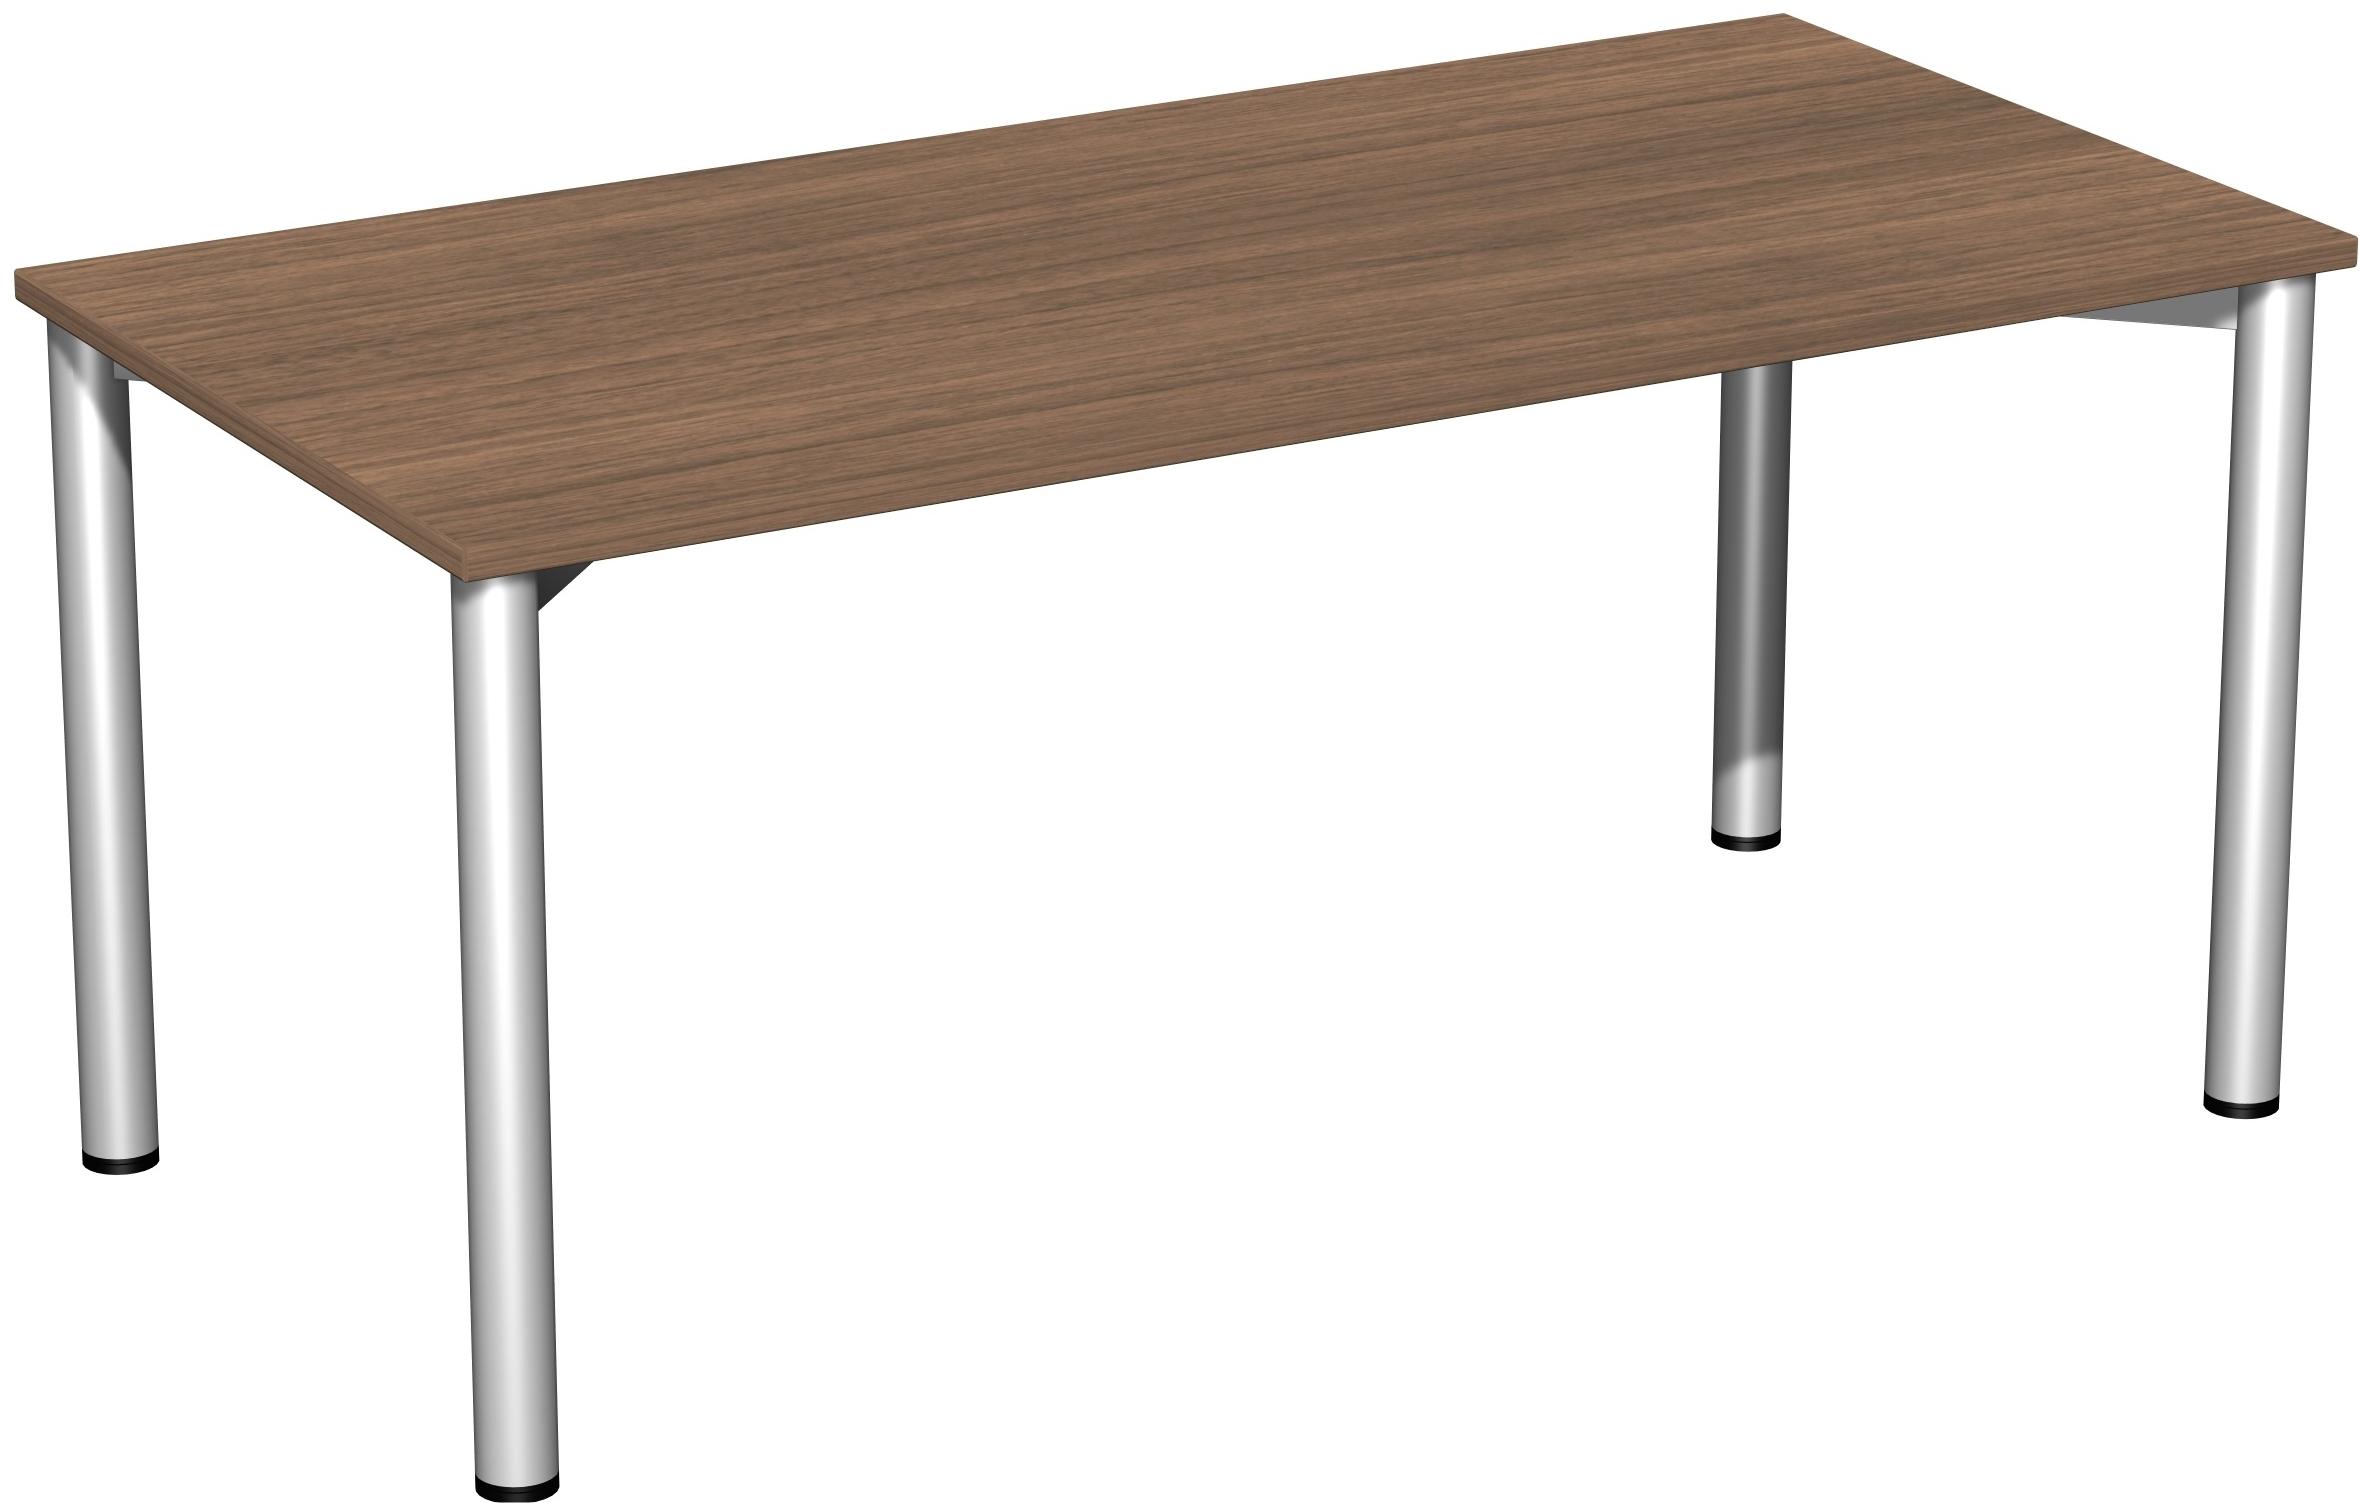 schreibtisch 90 cm casa padrino landhausstil schreibtisch mit 2 schubladen micke desk black. Black Bedroom Furniture Sets. Home Design Ideas